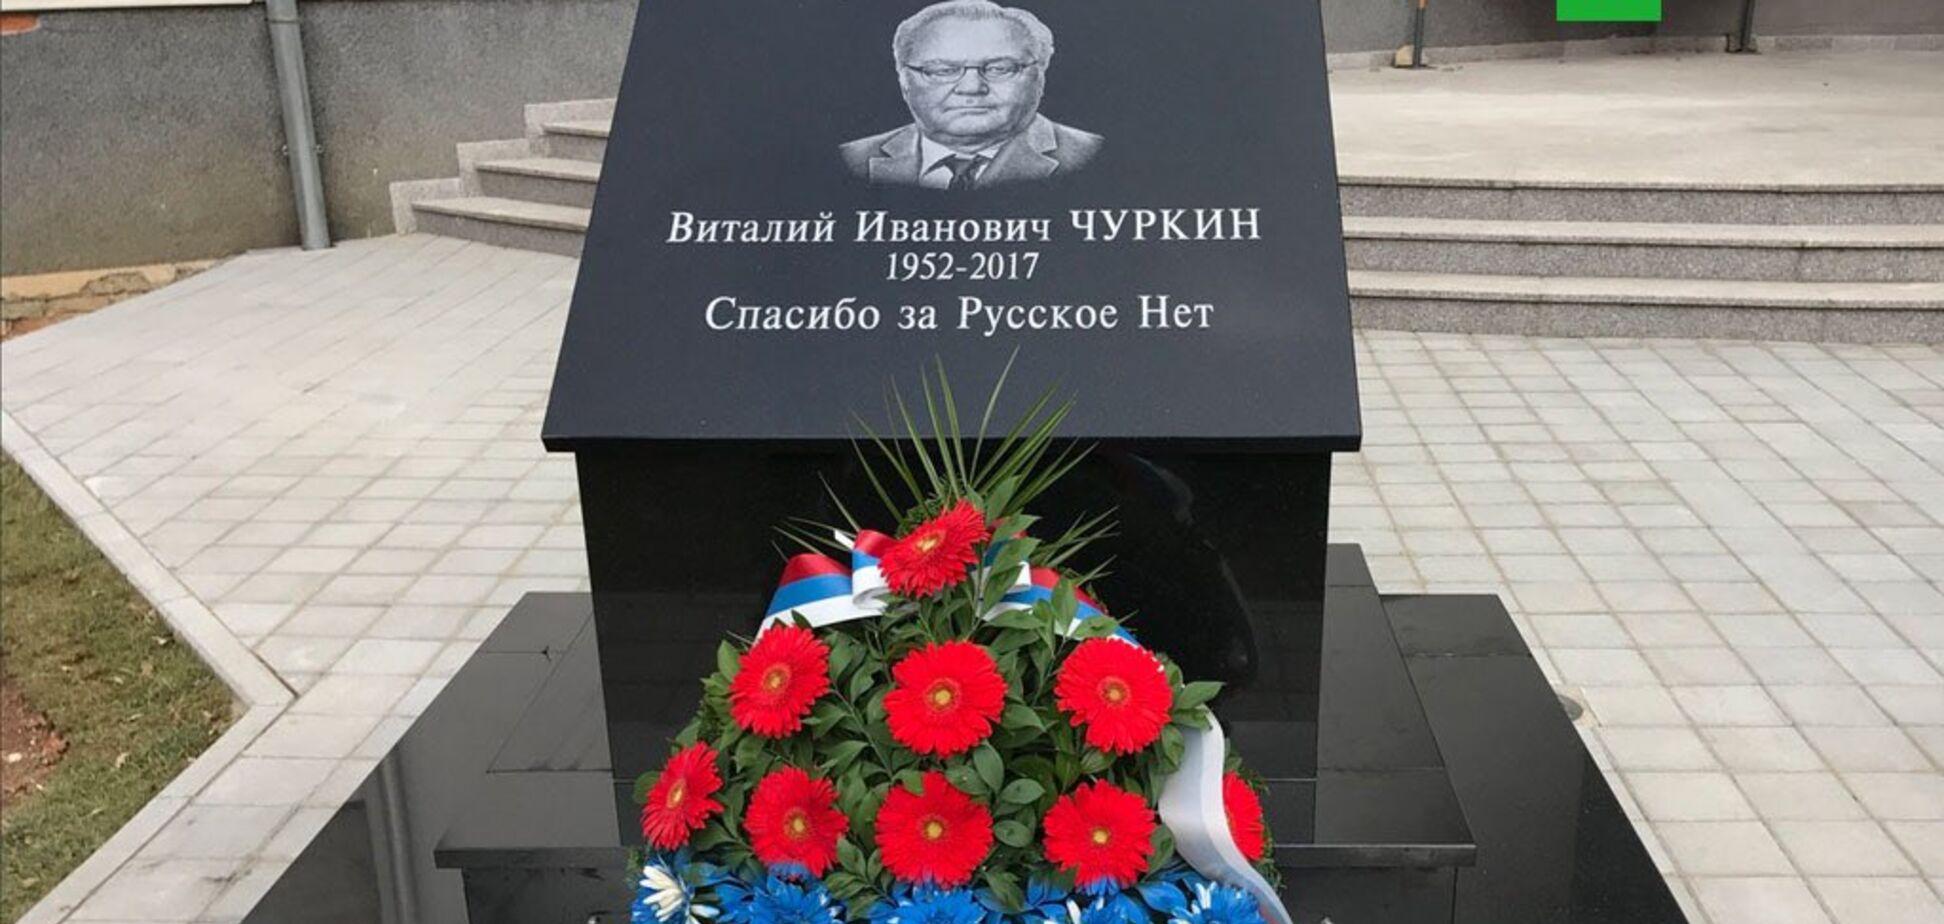 'Спасибо за русское 'нет': в Сербии открыли памятник одиозному Чуркину